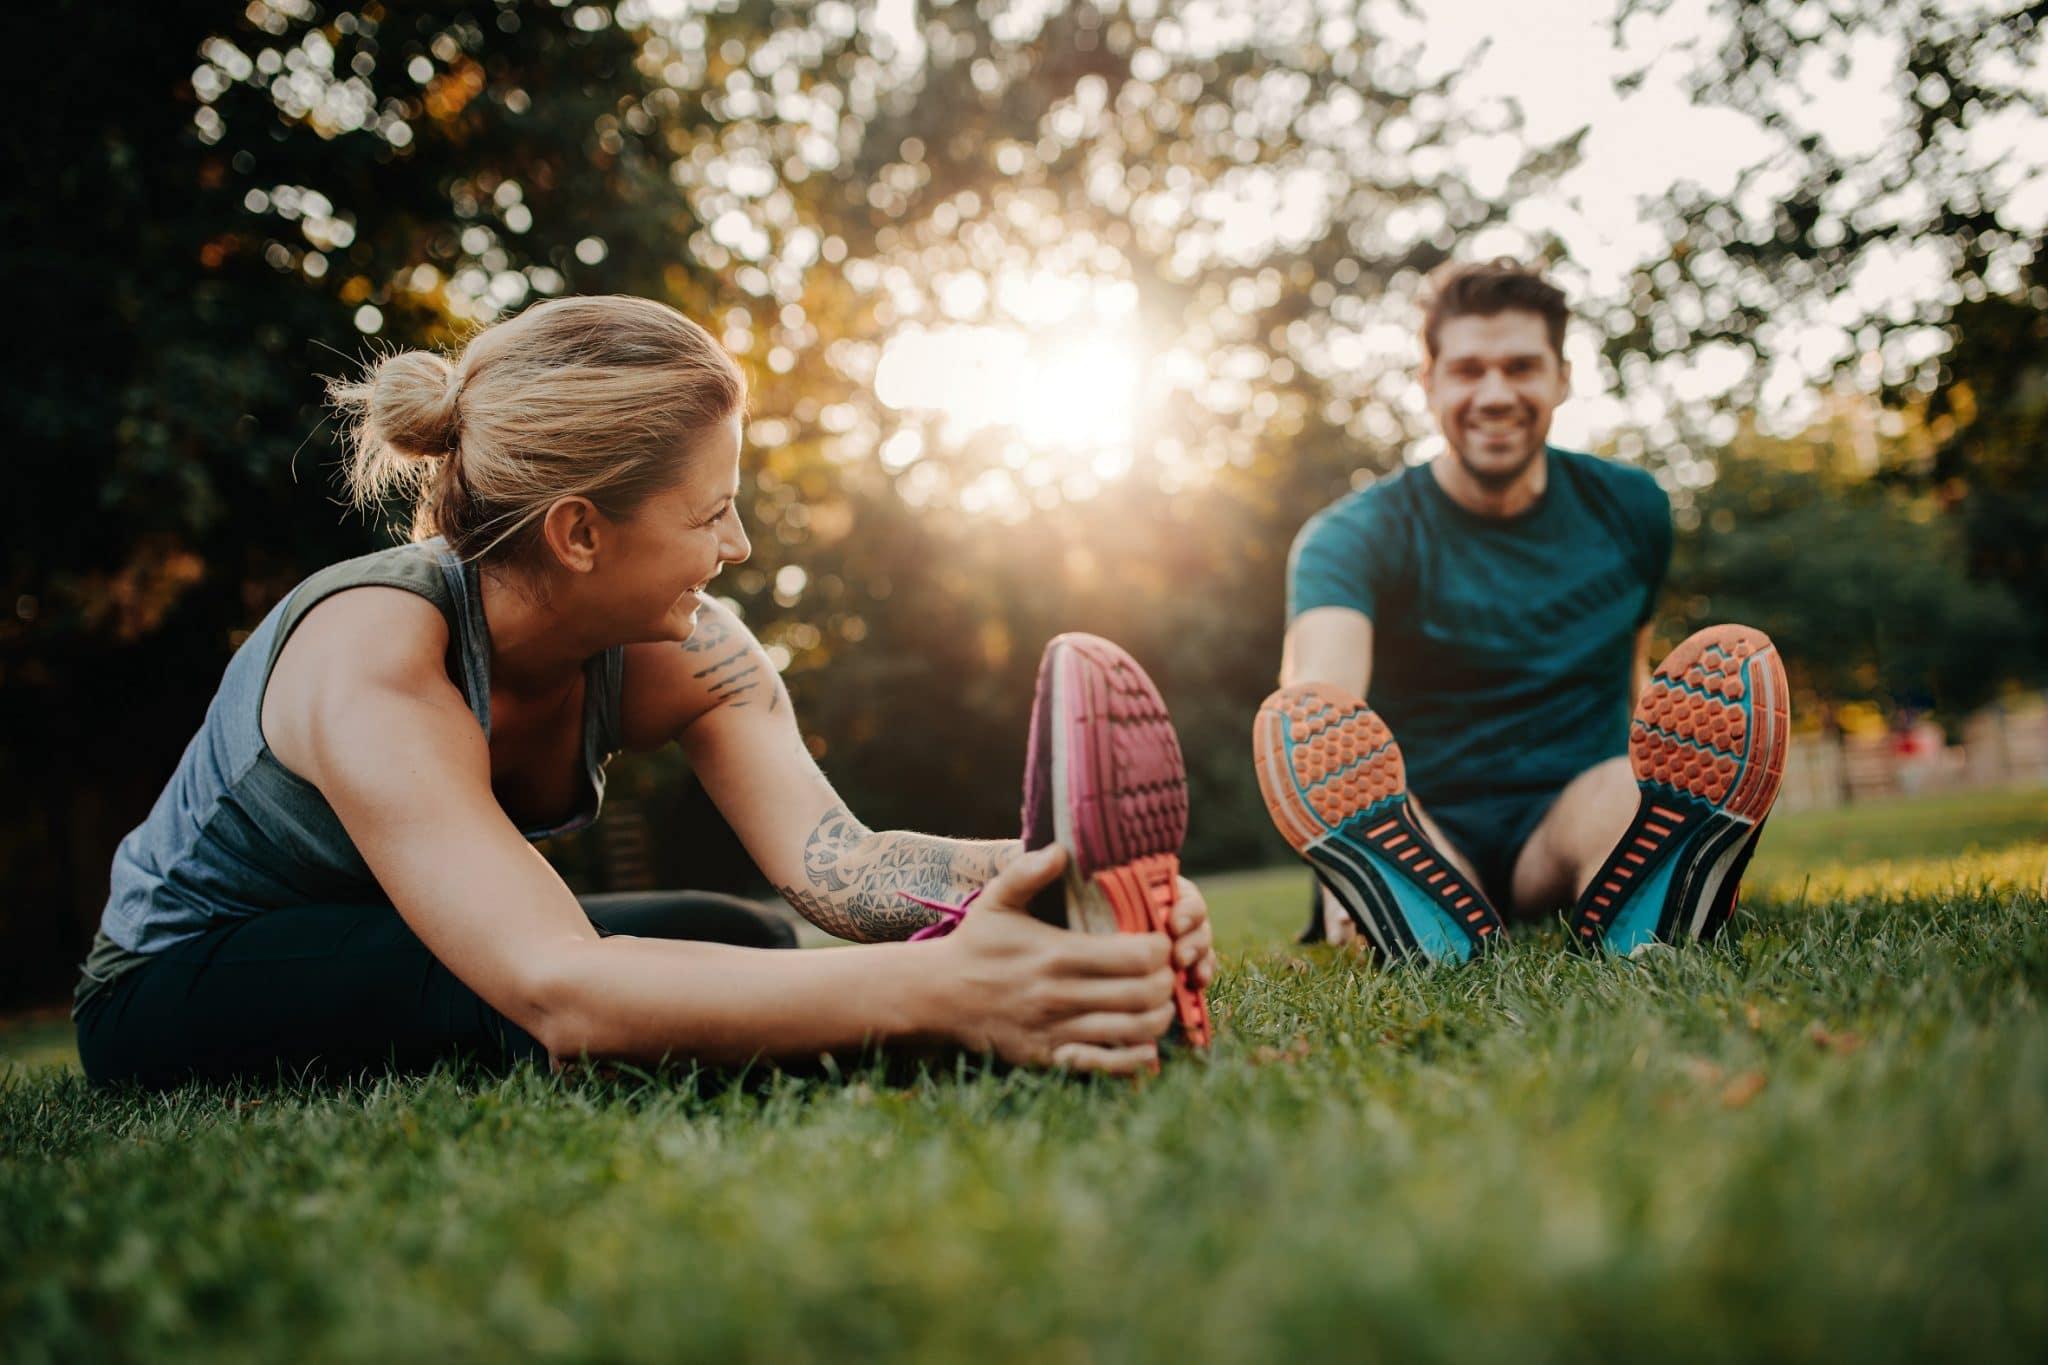 Vliv rodičů na budoucí partnerské vztahy 30